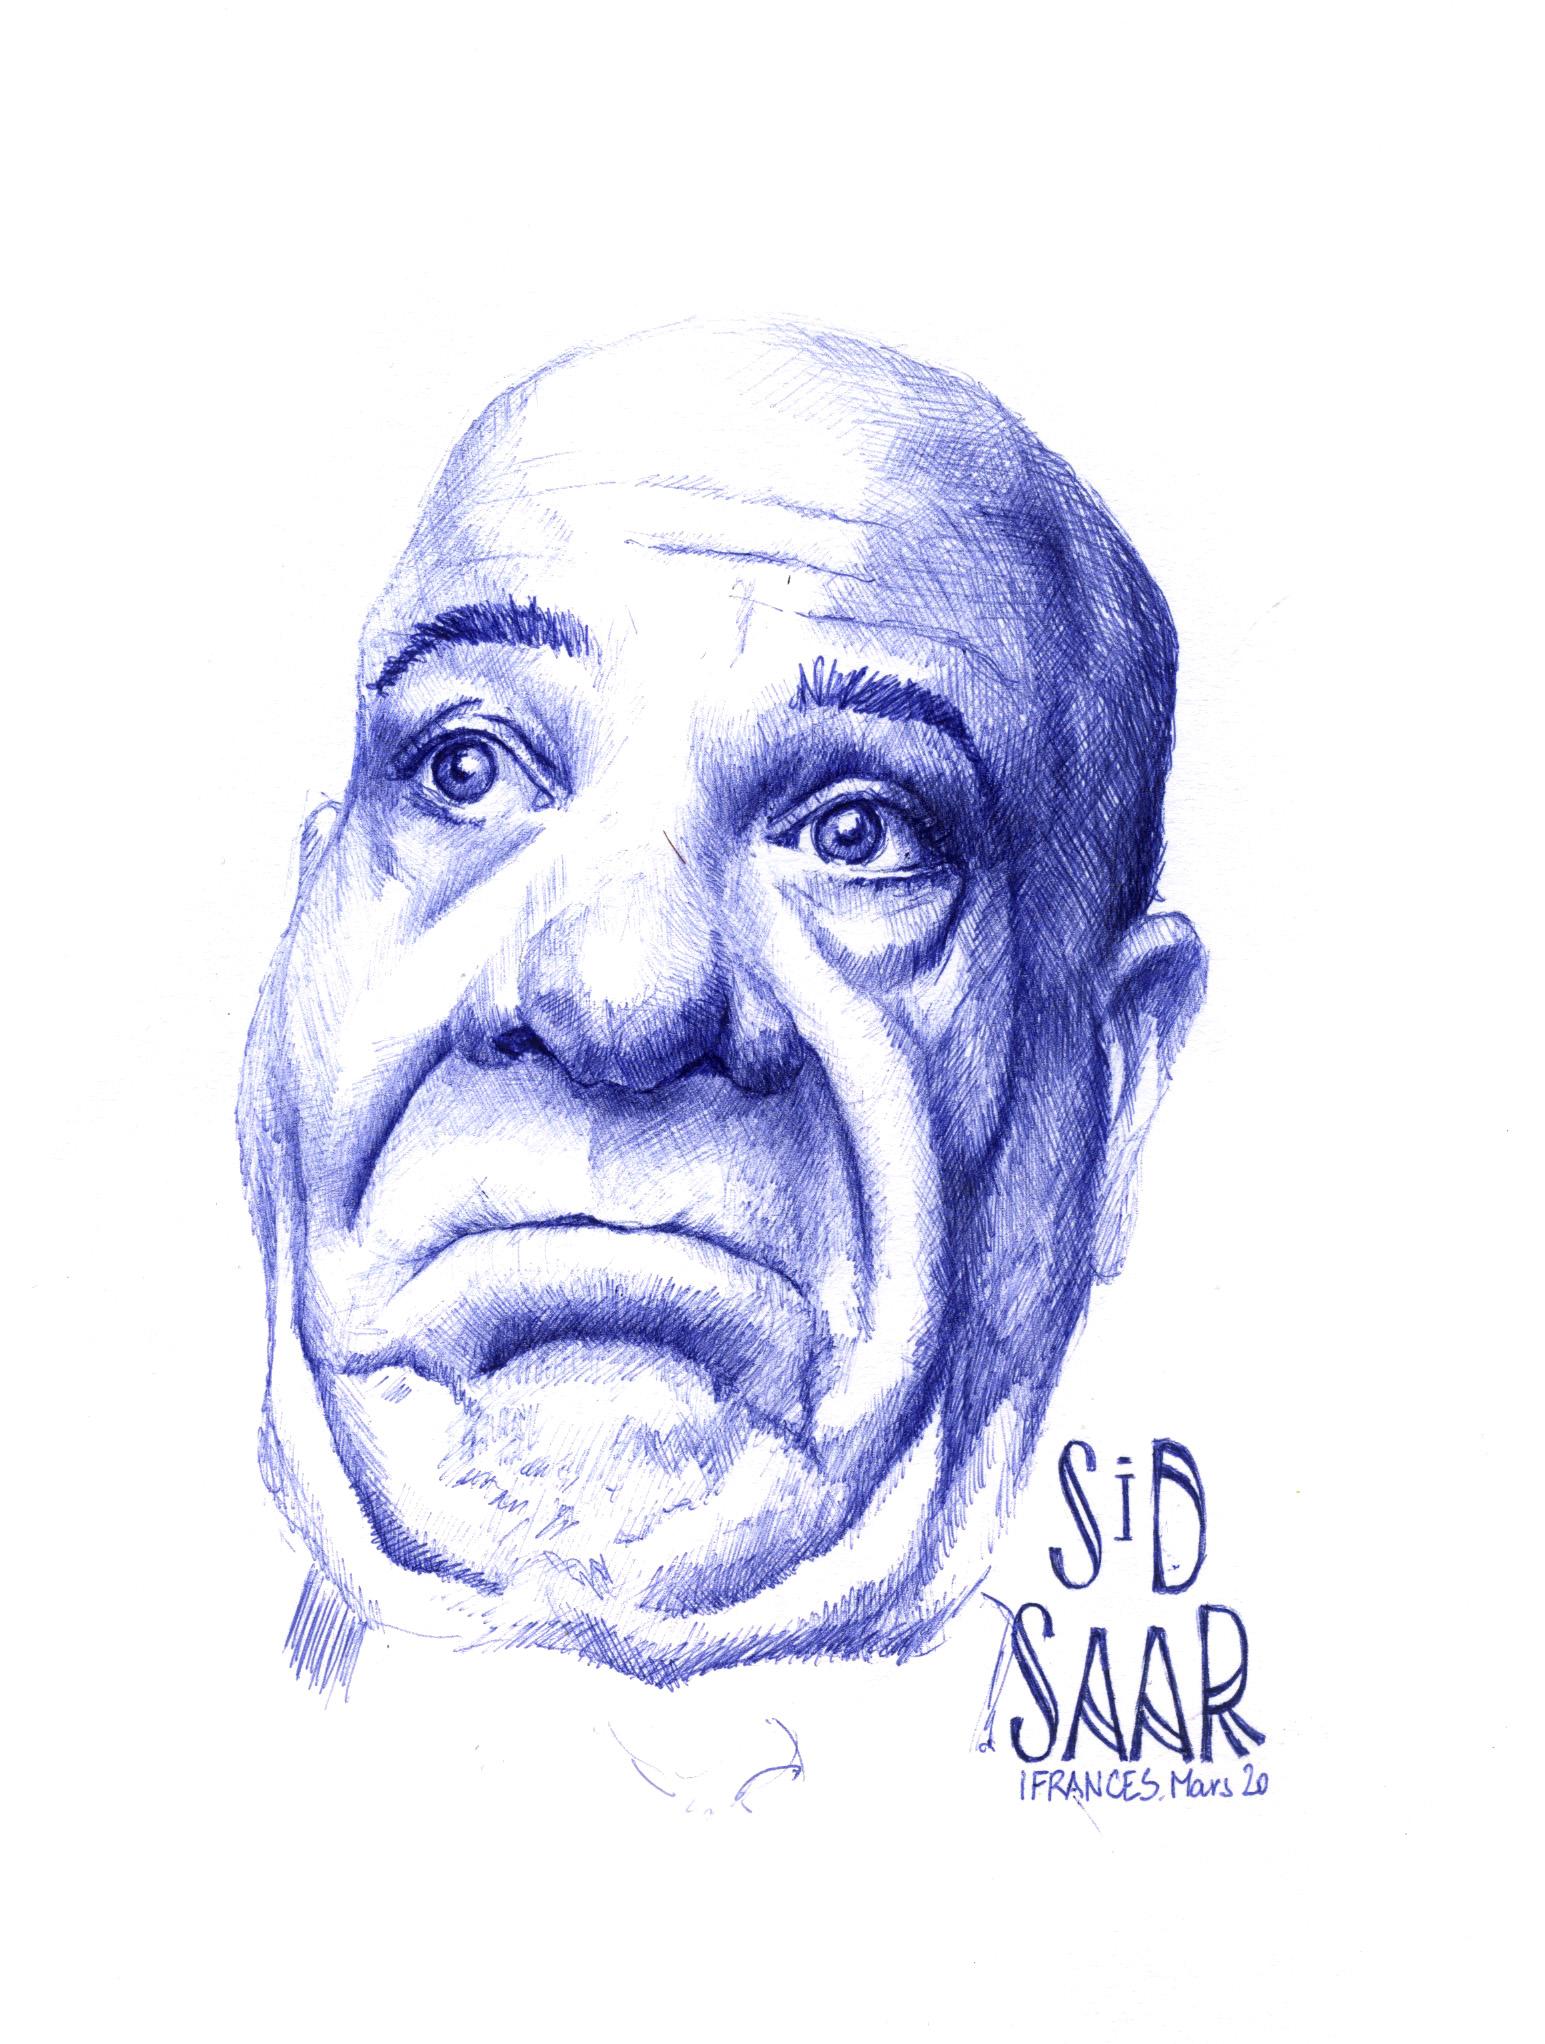 Portrait au stylo de Sid Saar  sur Sktchy -©I.Frances